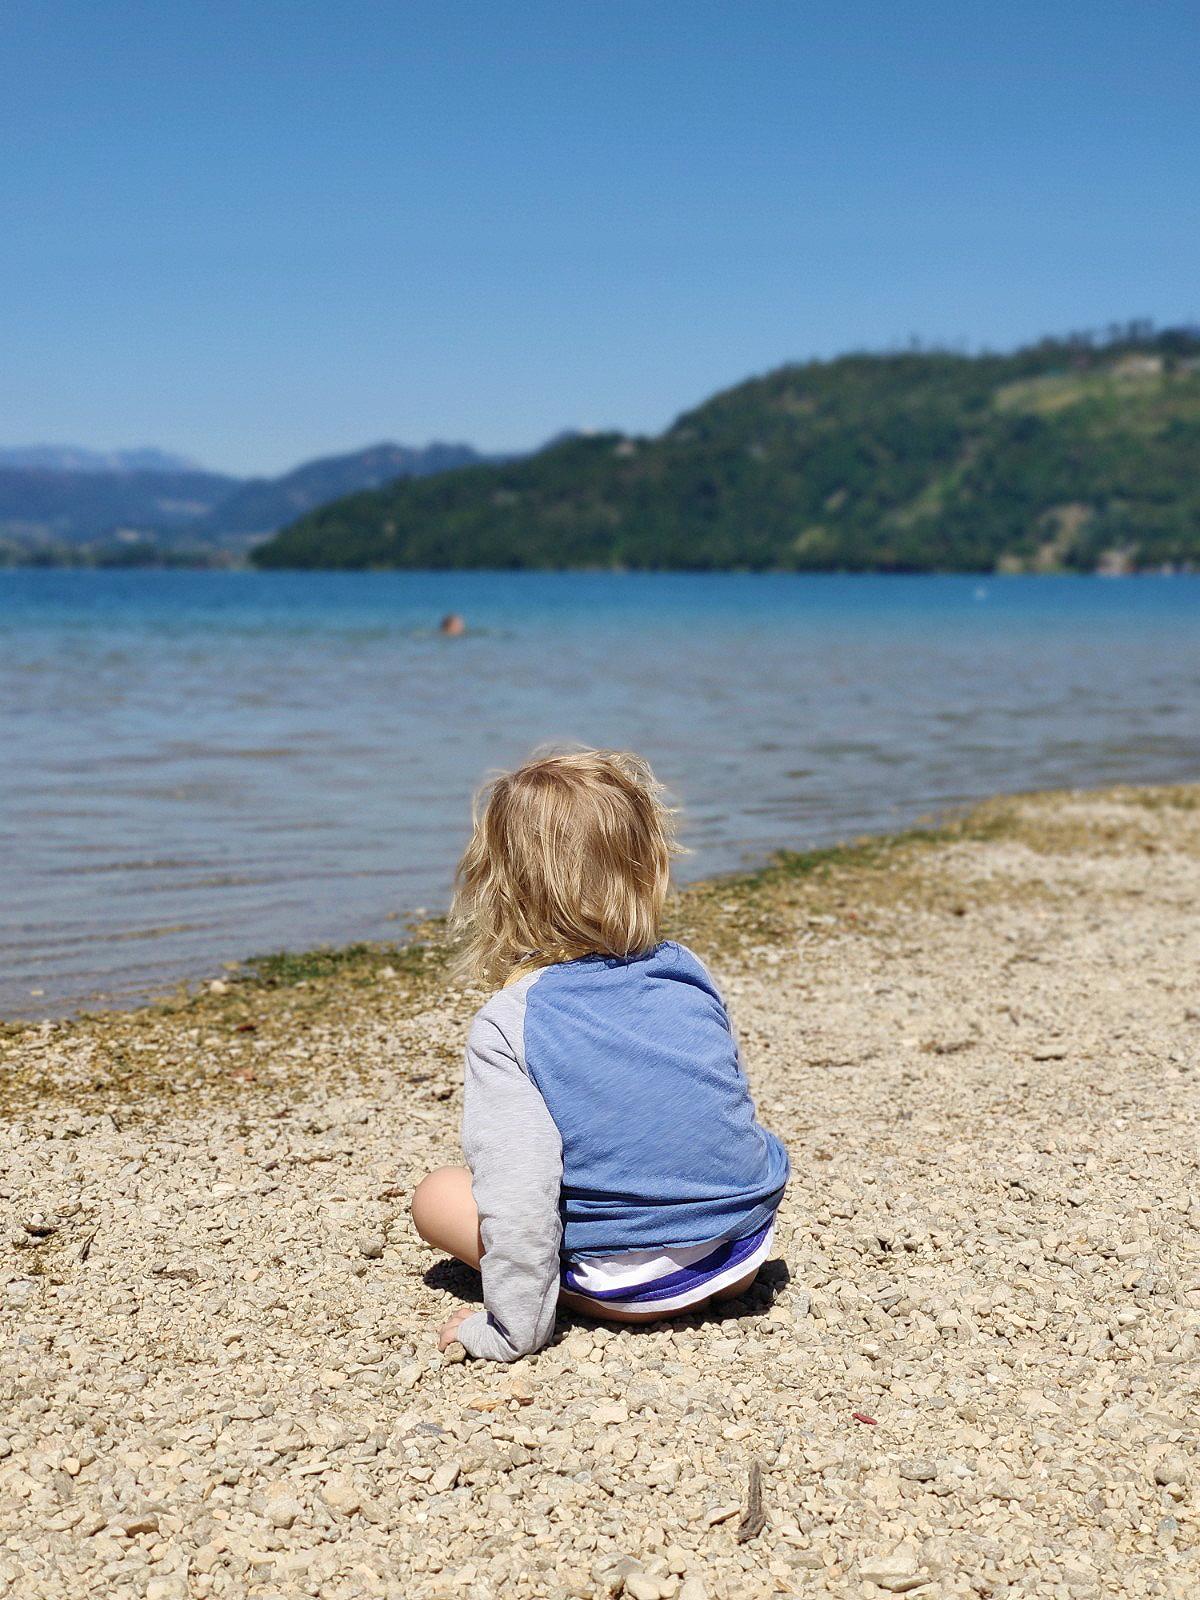 Kleines Kind sitzt am Strand